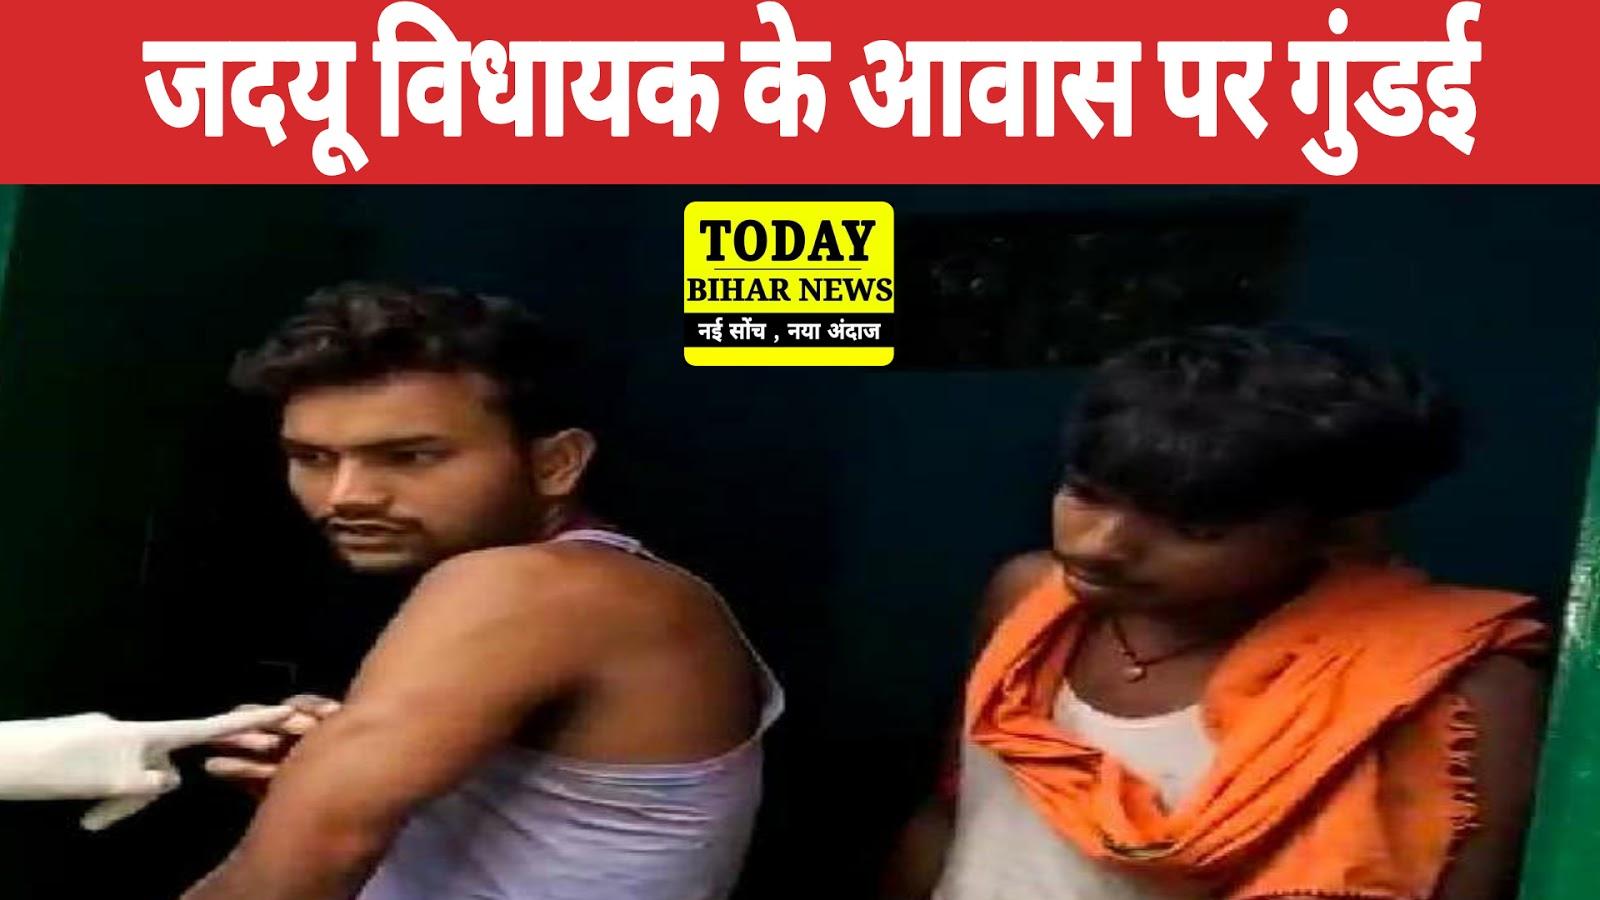 बिहार में JDU MLA के आवास पर गुंडई; ट्रक चालक व खलासी को बंधक बनाकर पीटा, हाथ टूटा